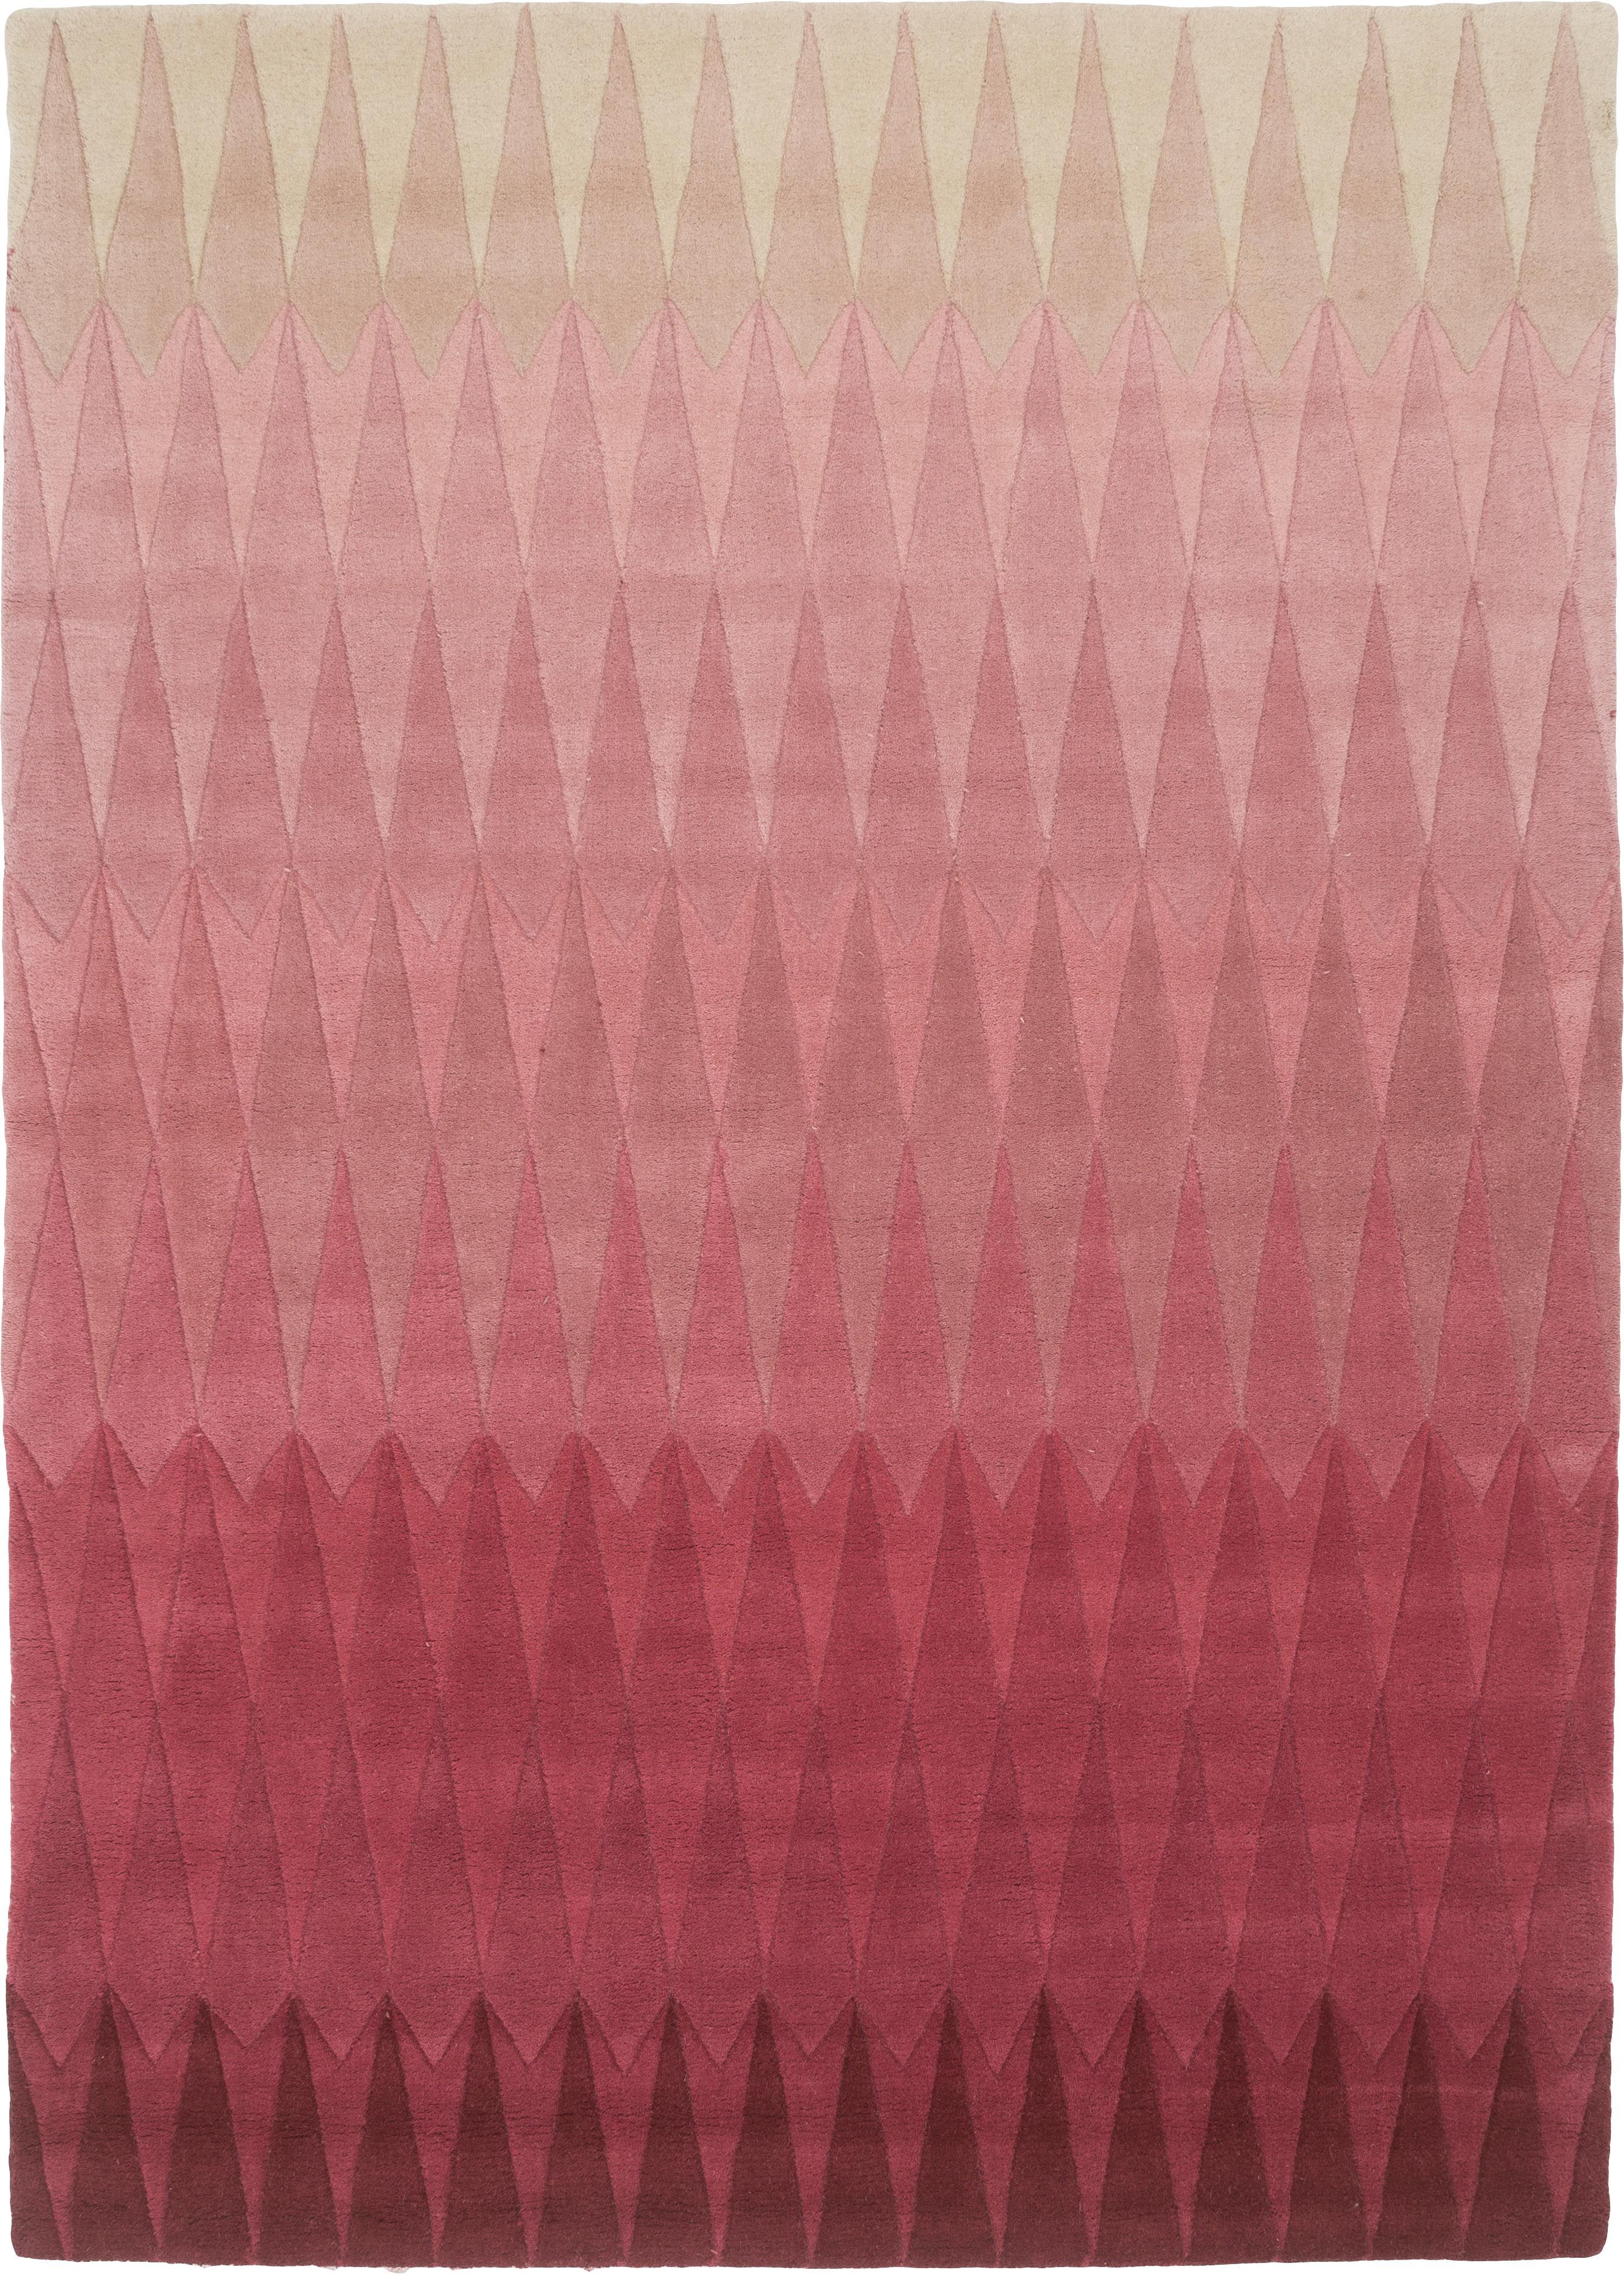 Handgetufteter Designteppich Acacia mit Farbverlauf in Pink, Pink, B 170 x L 240 cm (Größe M)